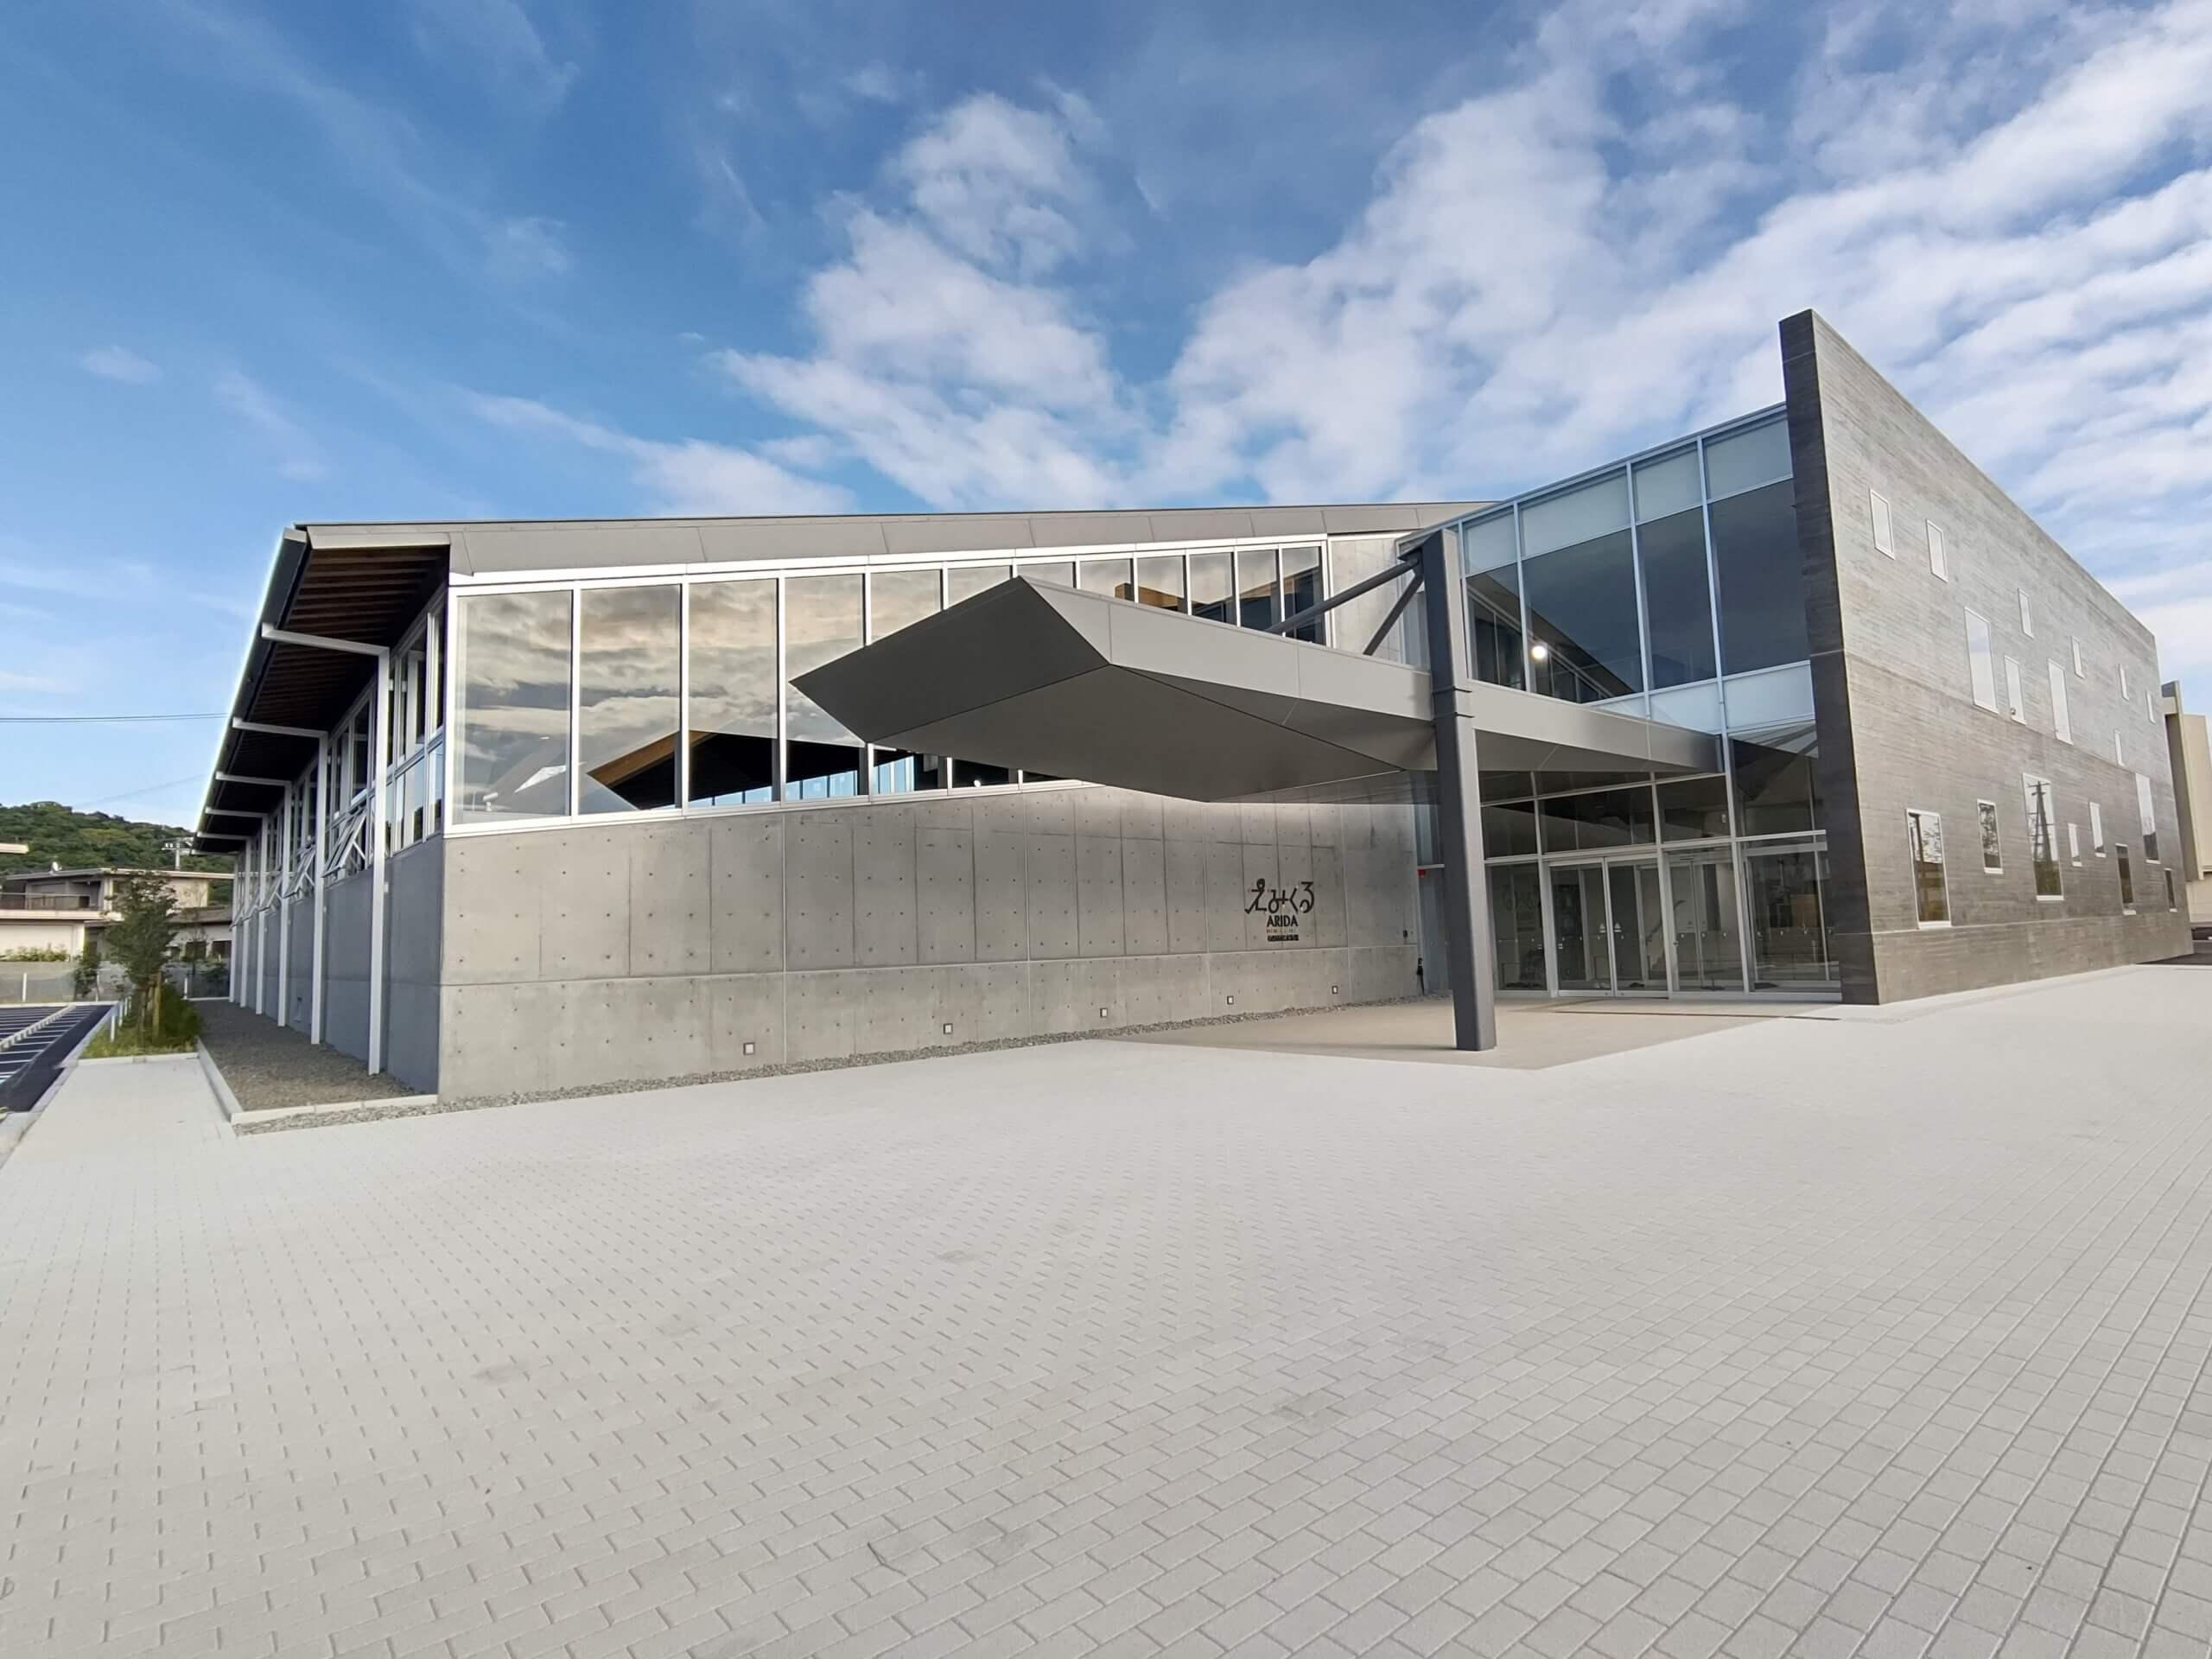 木造建築の施工事例:えみくるARIDA(有田市民水泳場) 2枚目